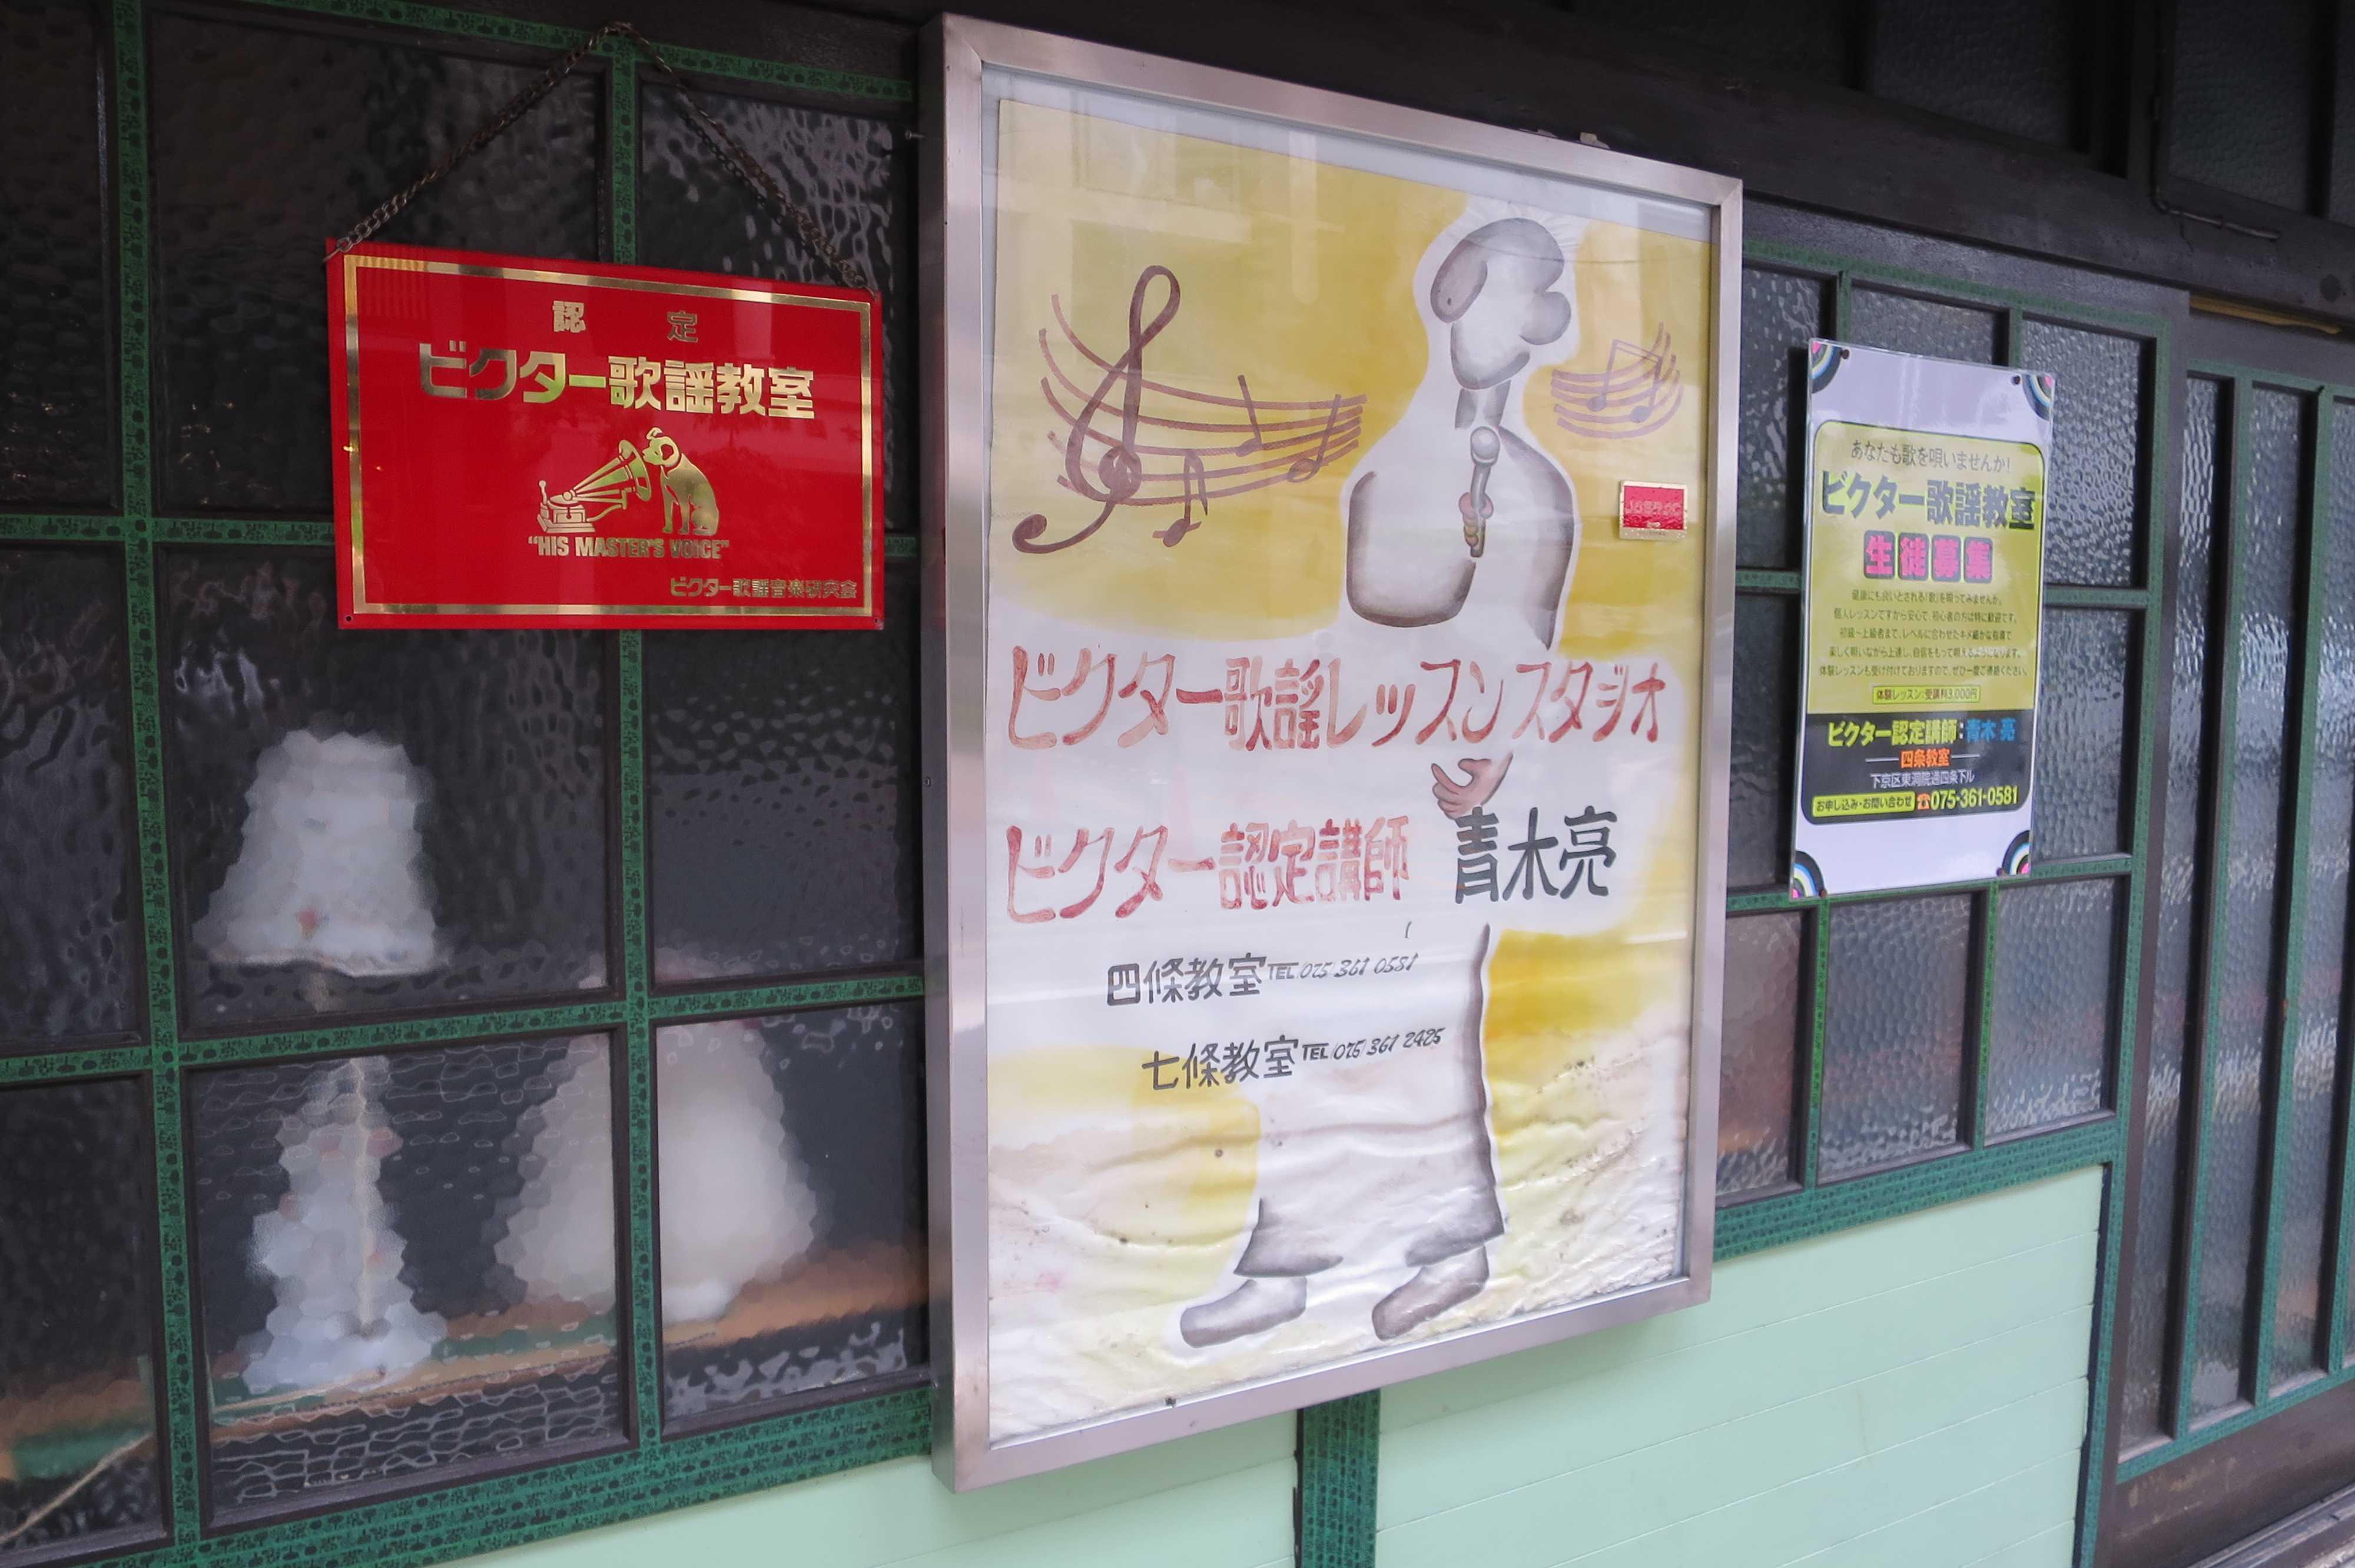 ビクター歌謡教室の赤い看板とポスター